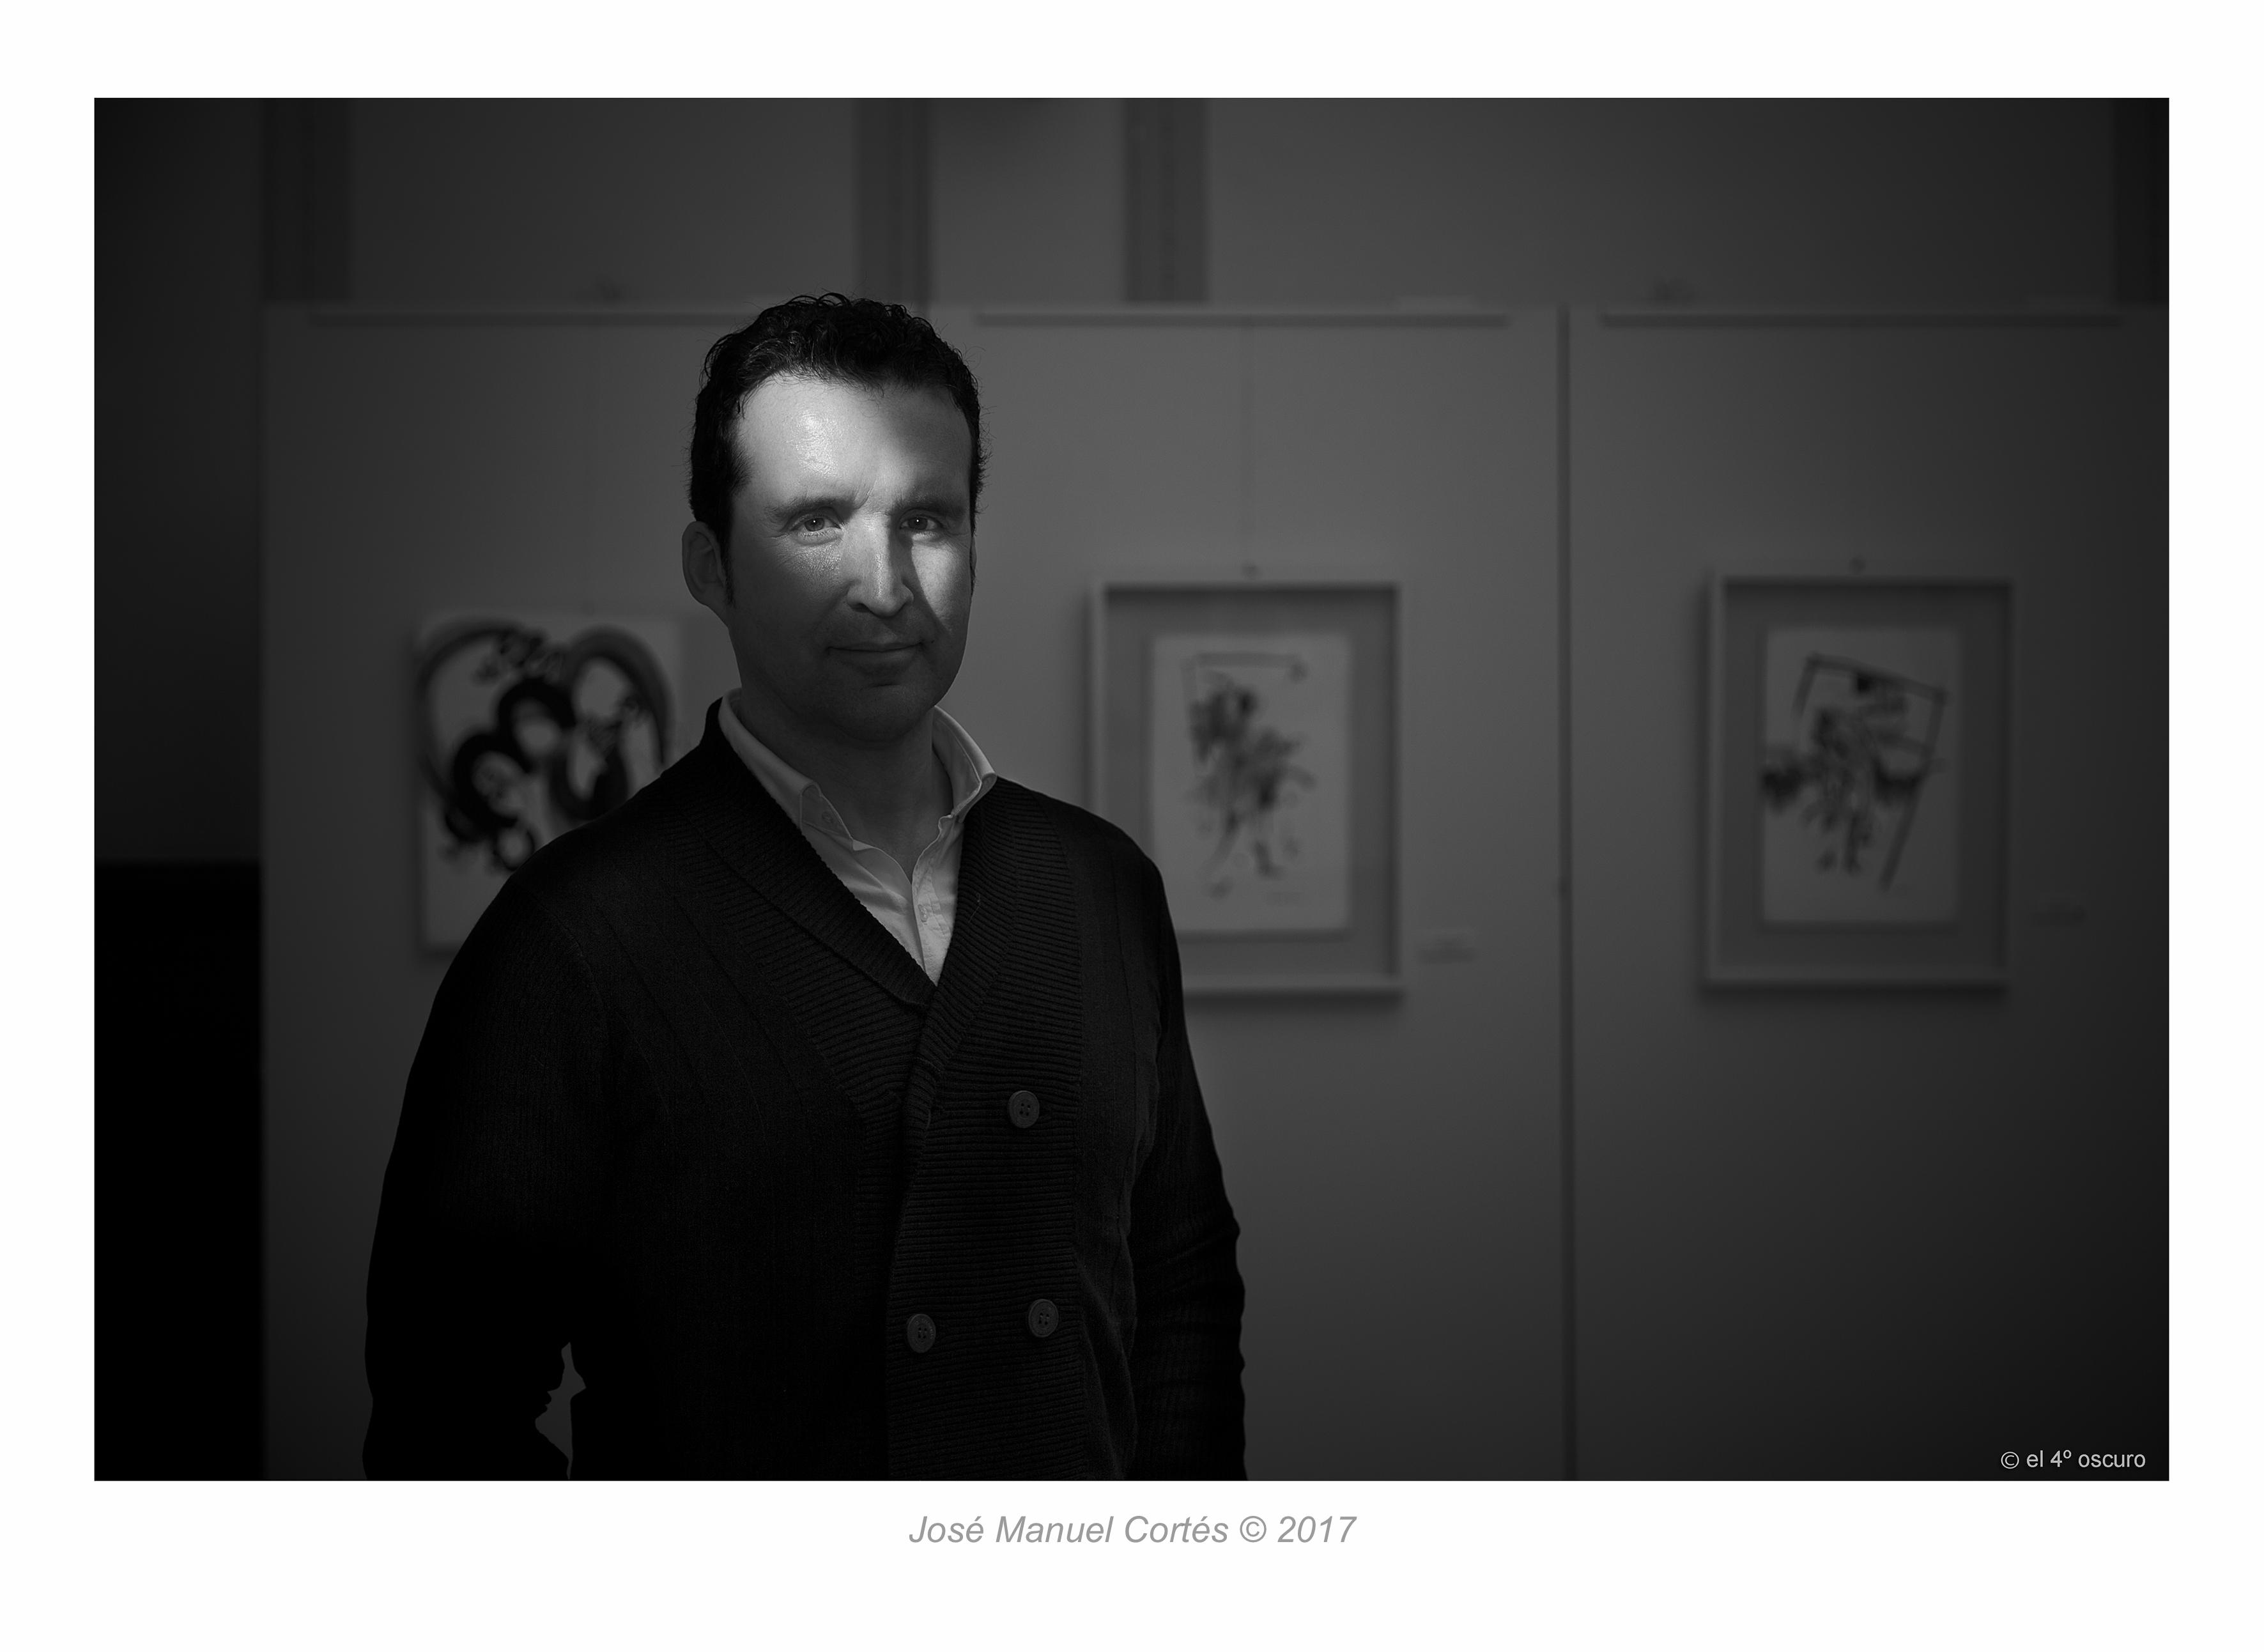 el 4º oscuro – Servicios de fotografía.